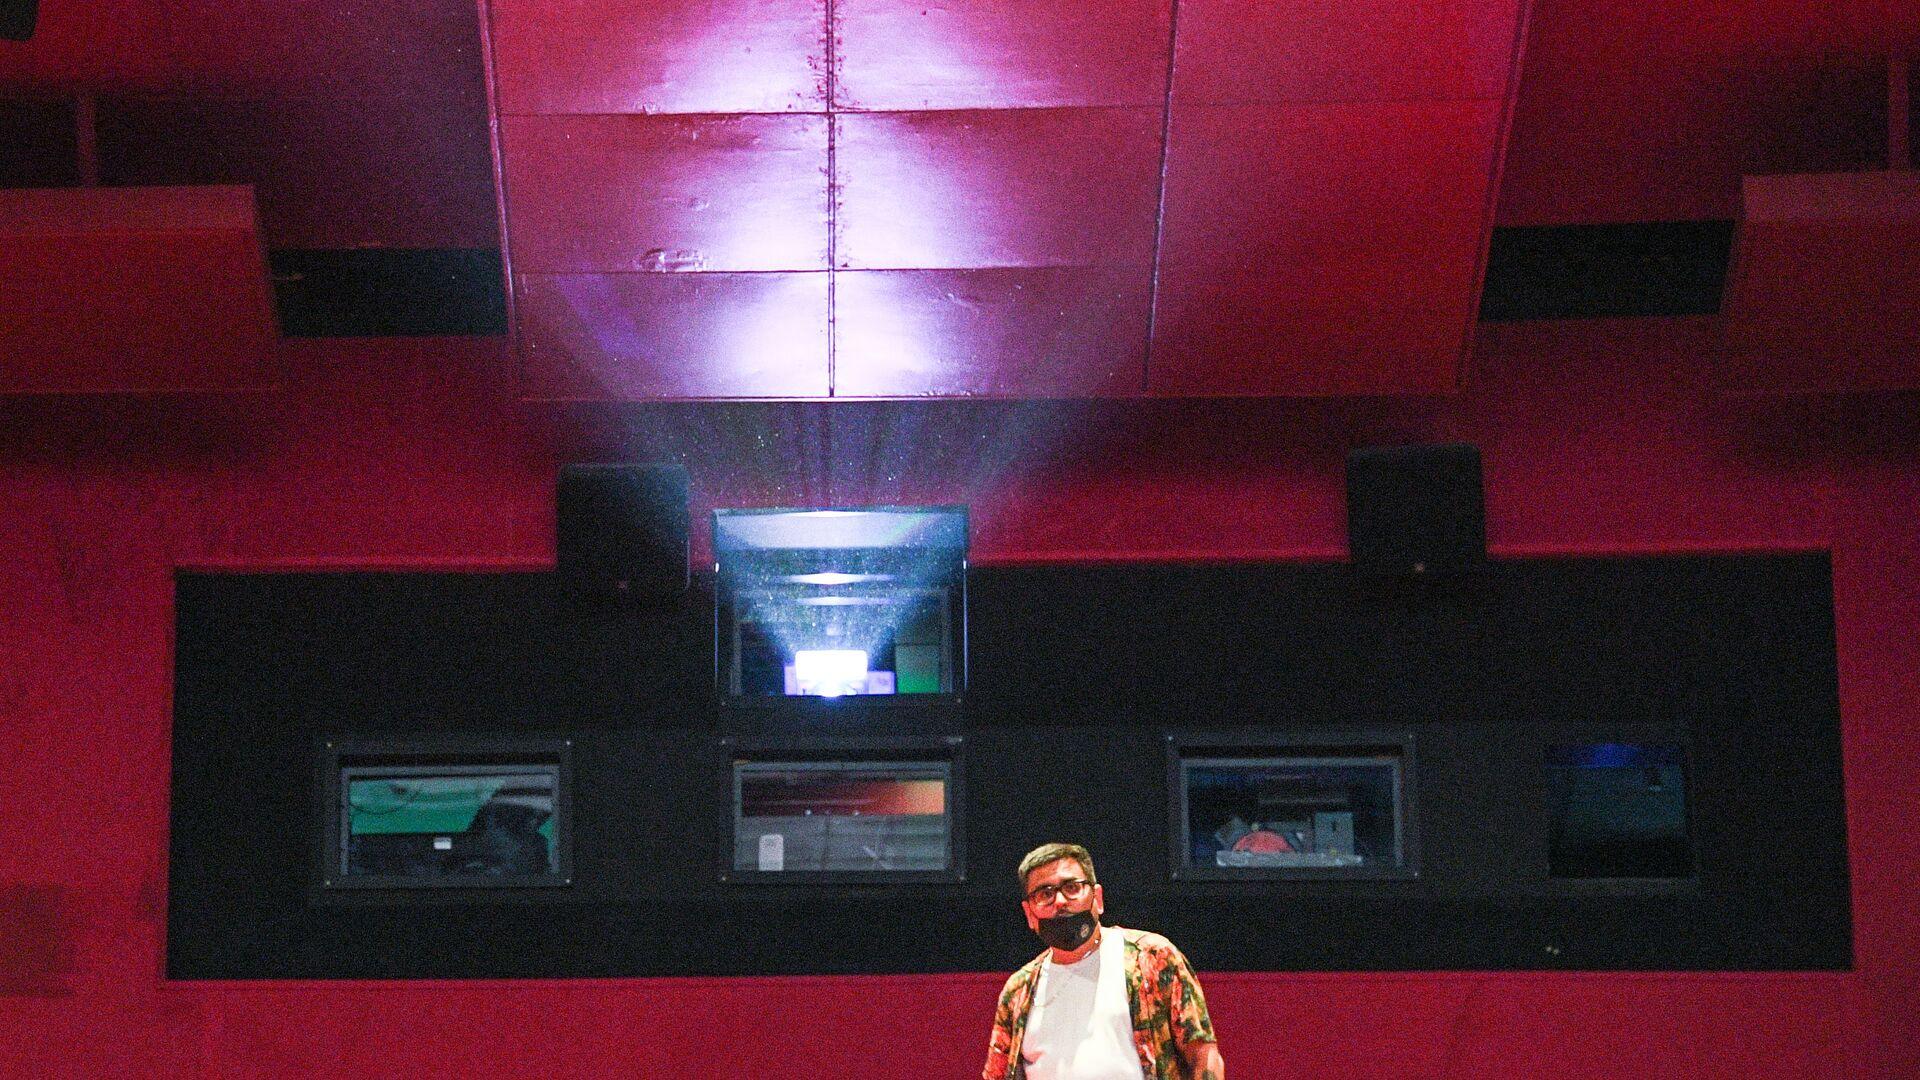 Proiettore in una sala del cinema - Sputnik Italia, 1920, 02.05.2021